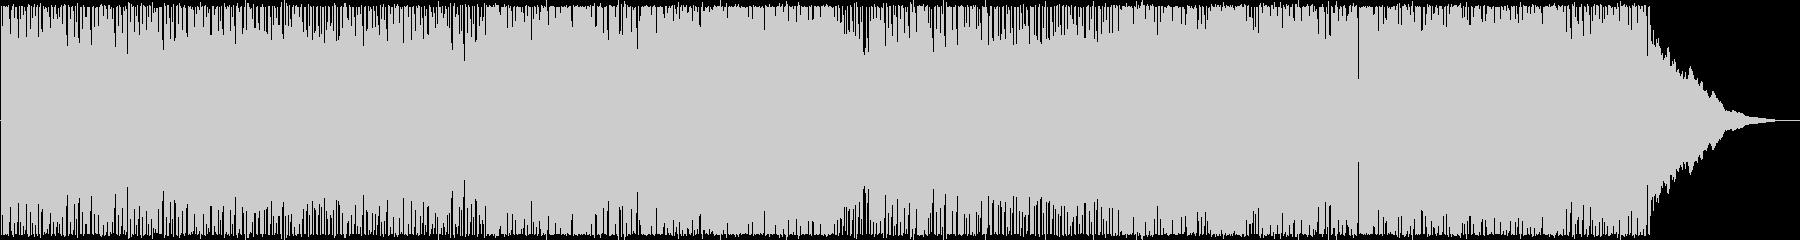 疾走感溢れるクールなエレキロックサウンドの未再生の波形